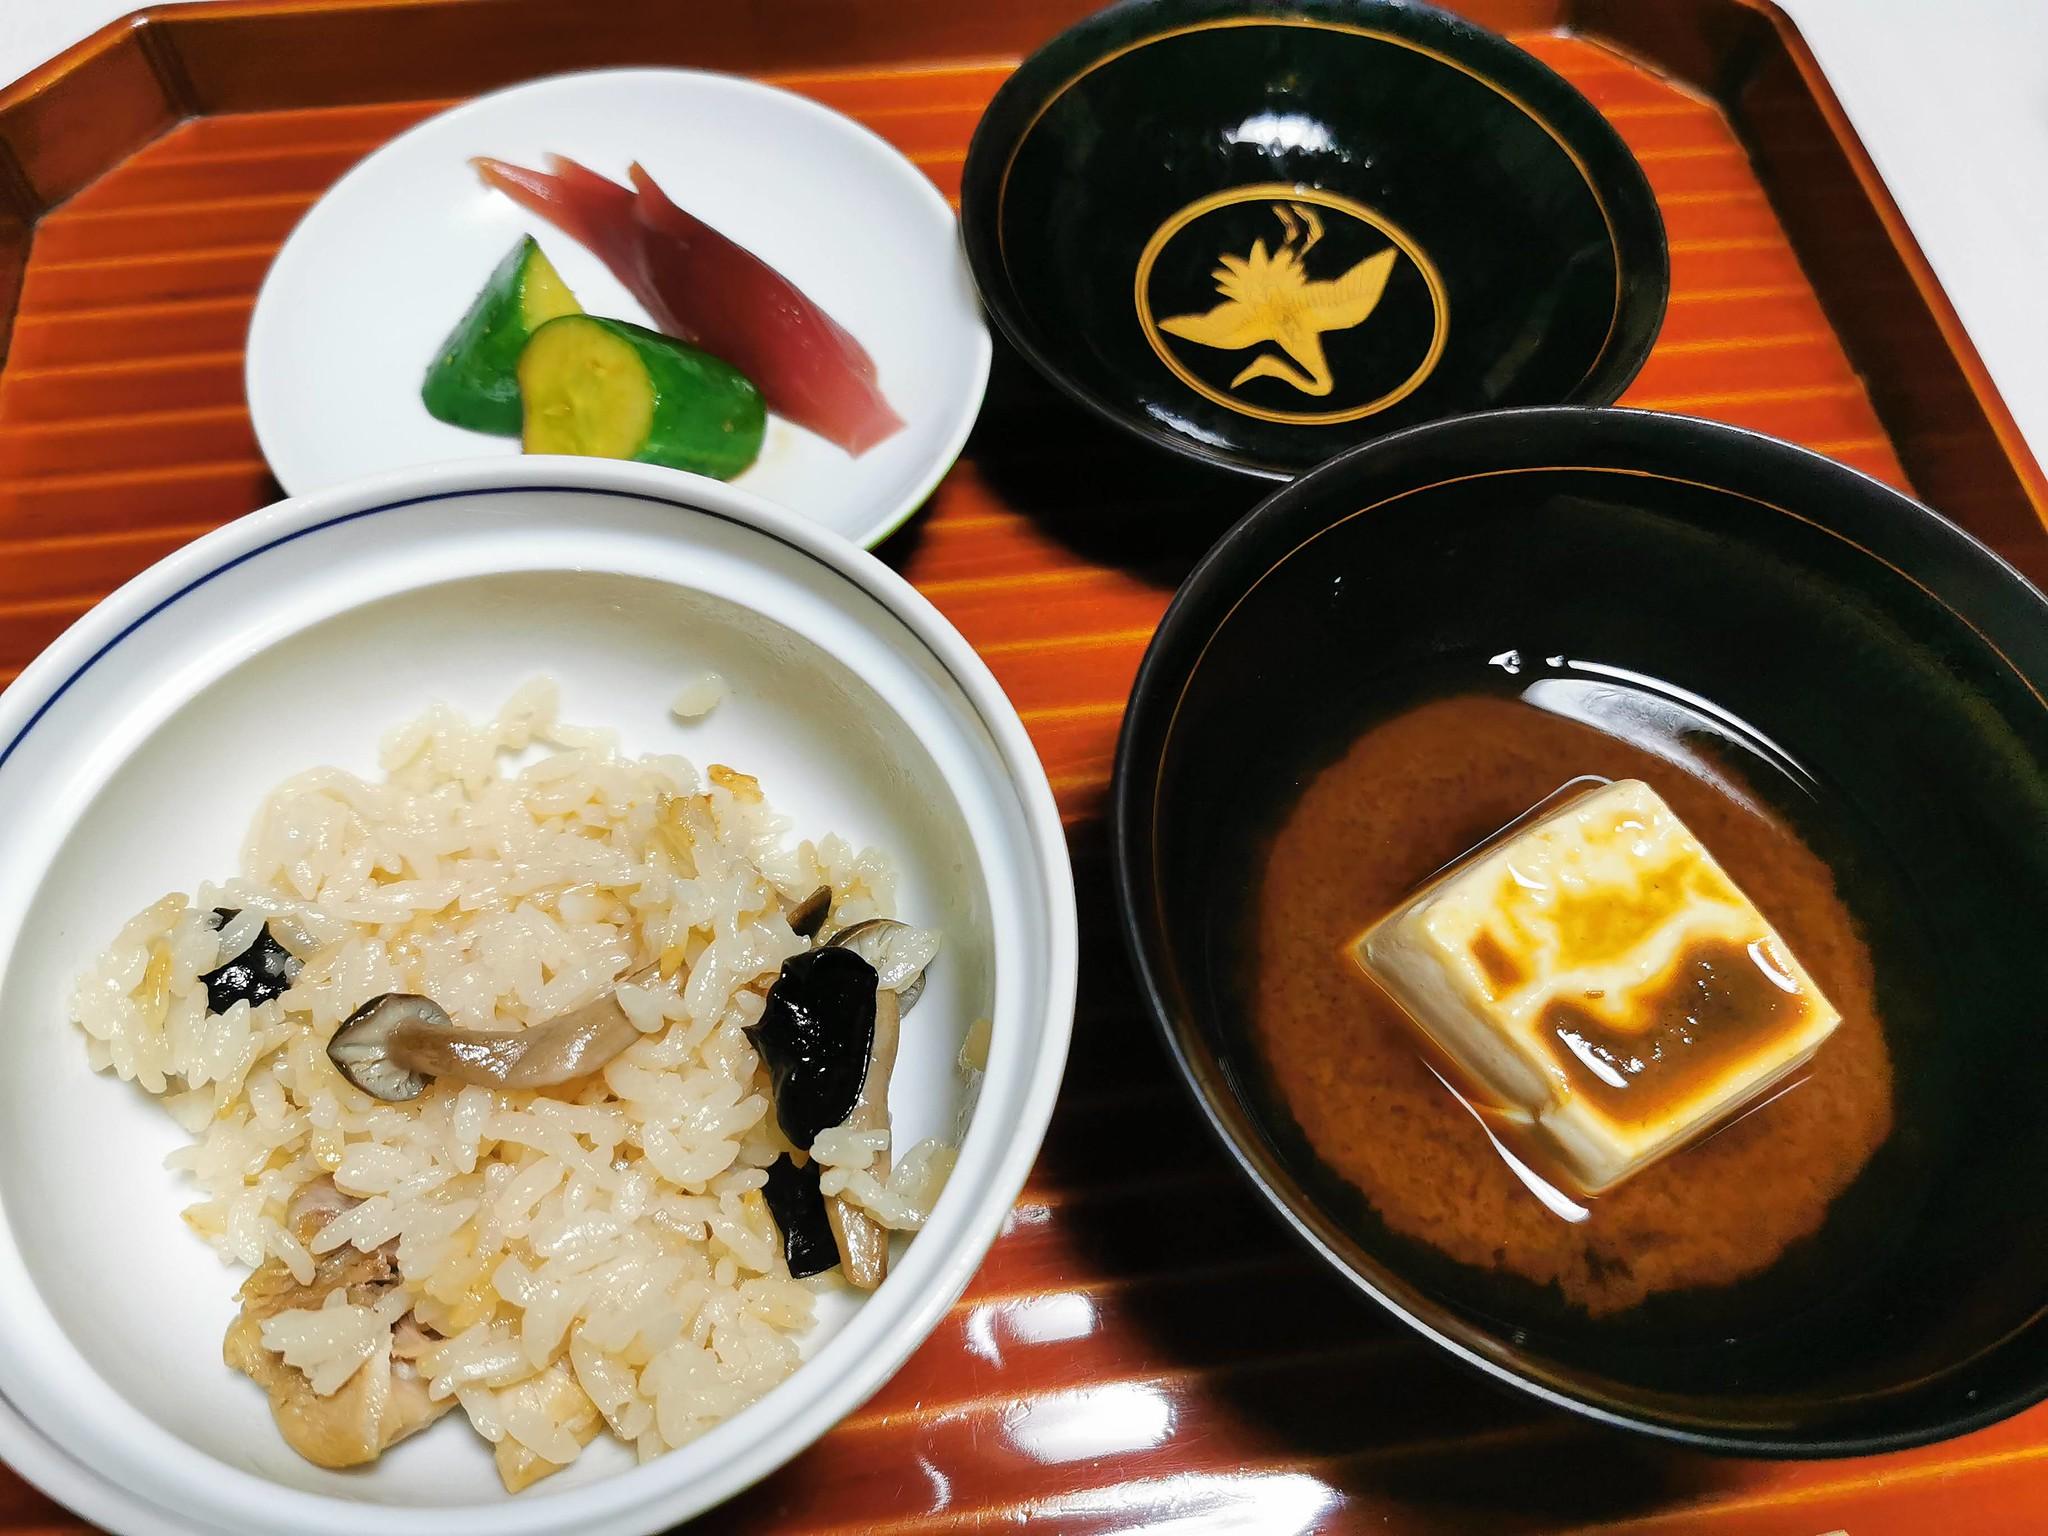 【鎌倉】八百善@創業300余年の江戸料理の老舗料亭。明王院内の古民家で江戸の食文化を現代に!